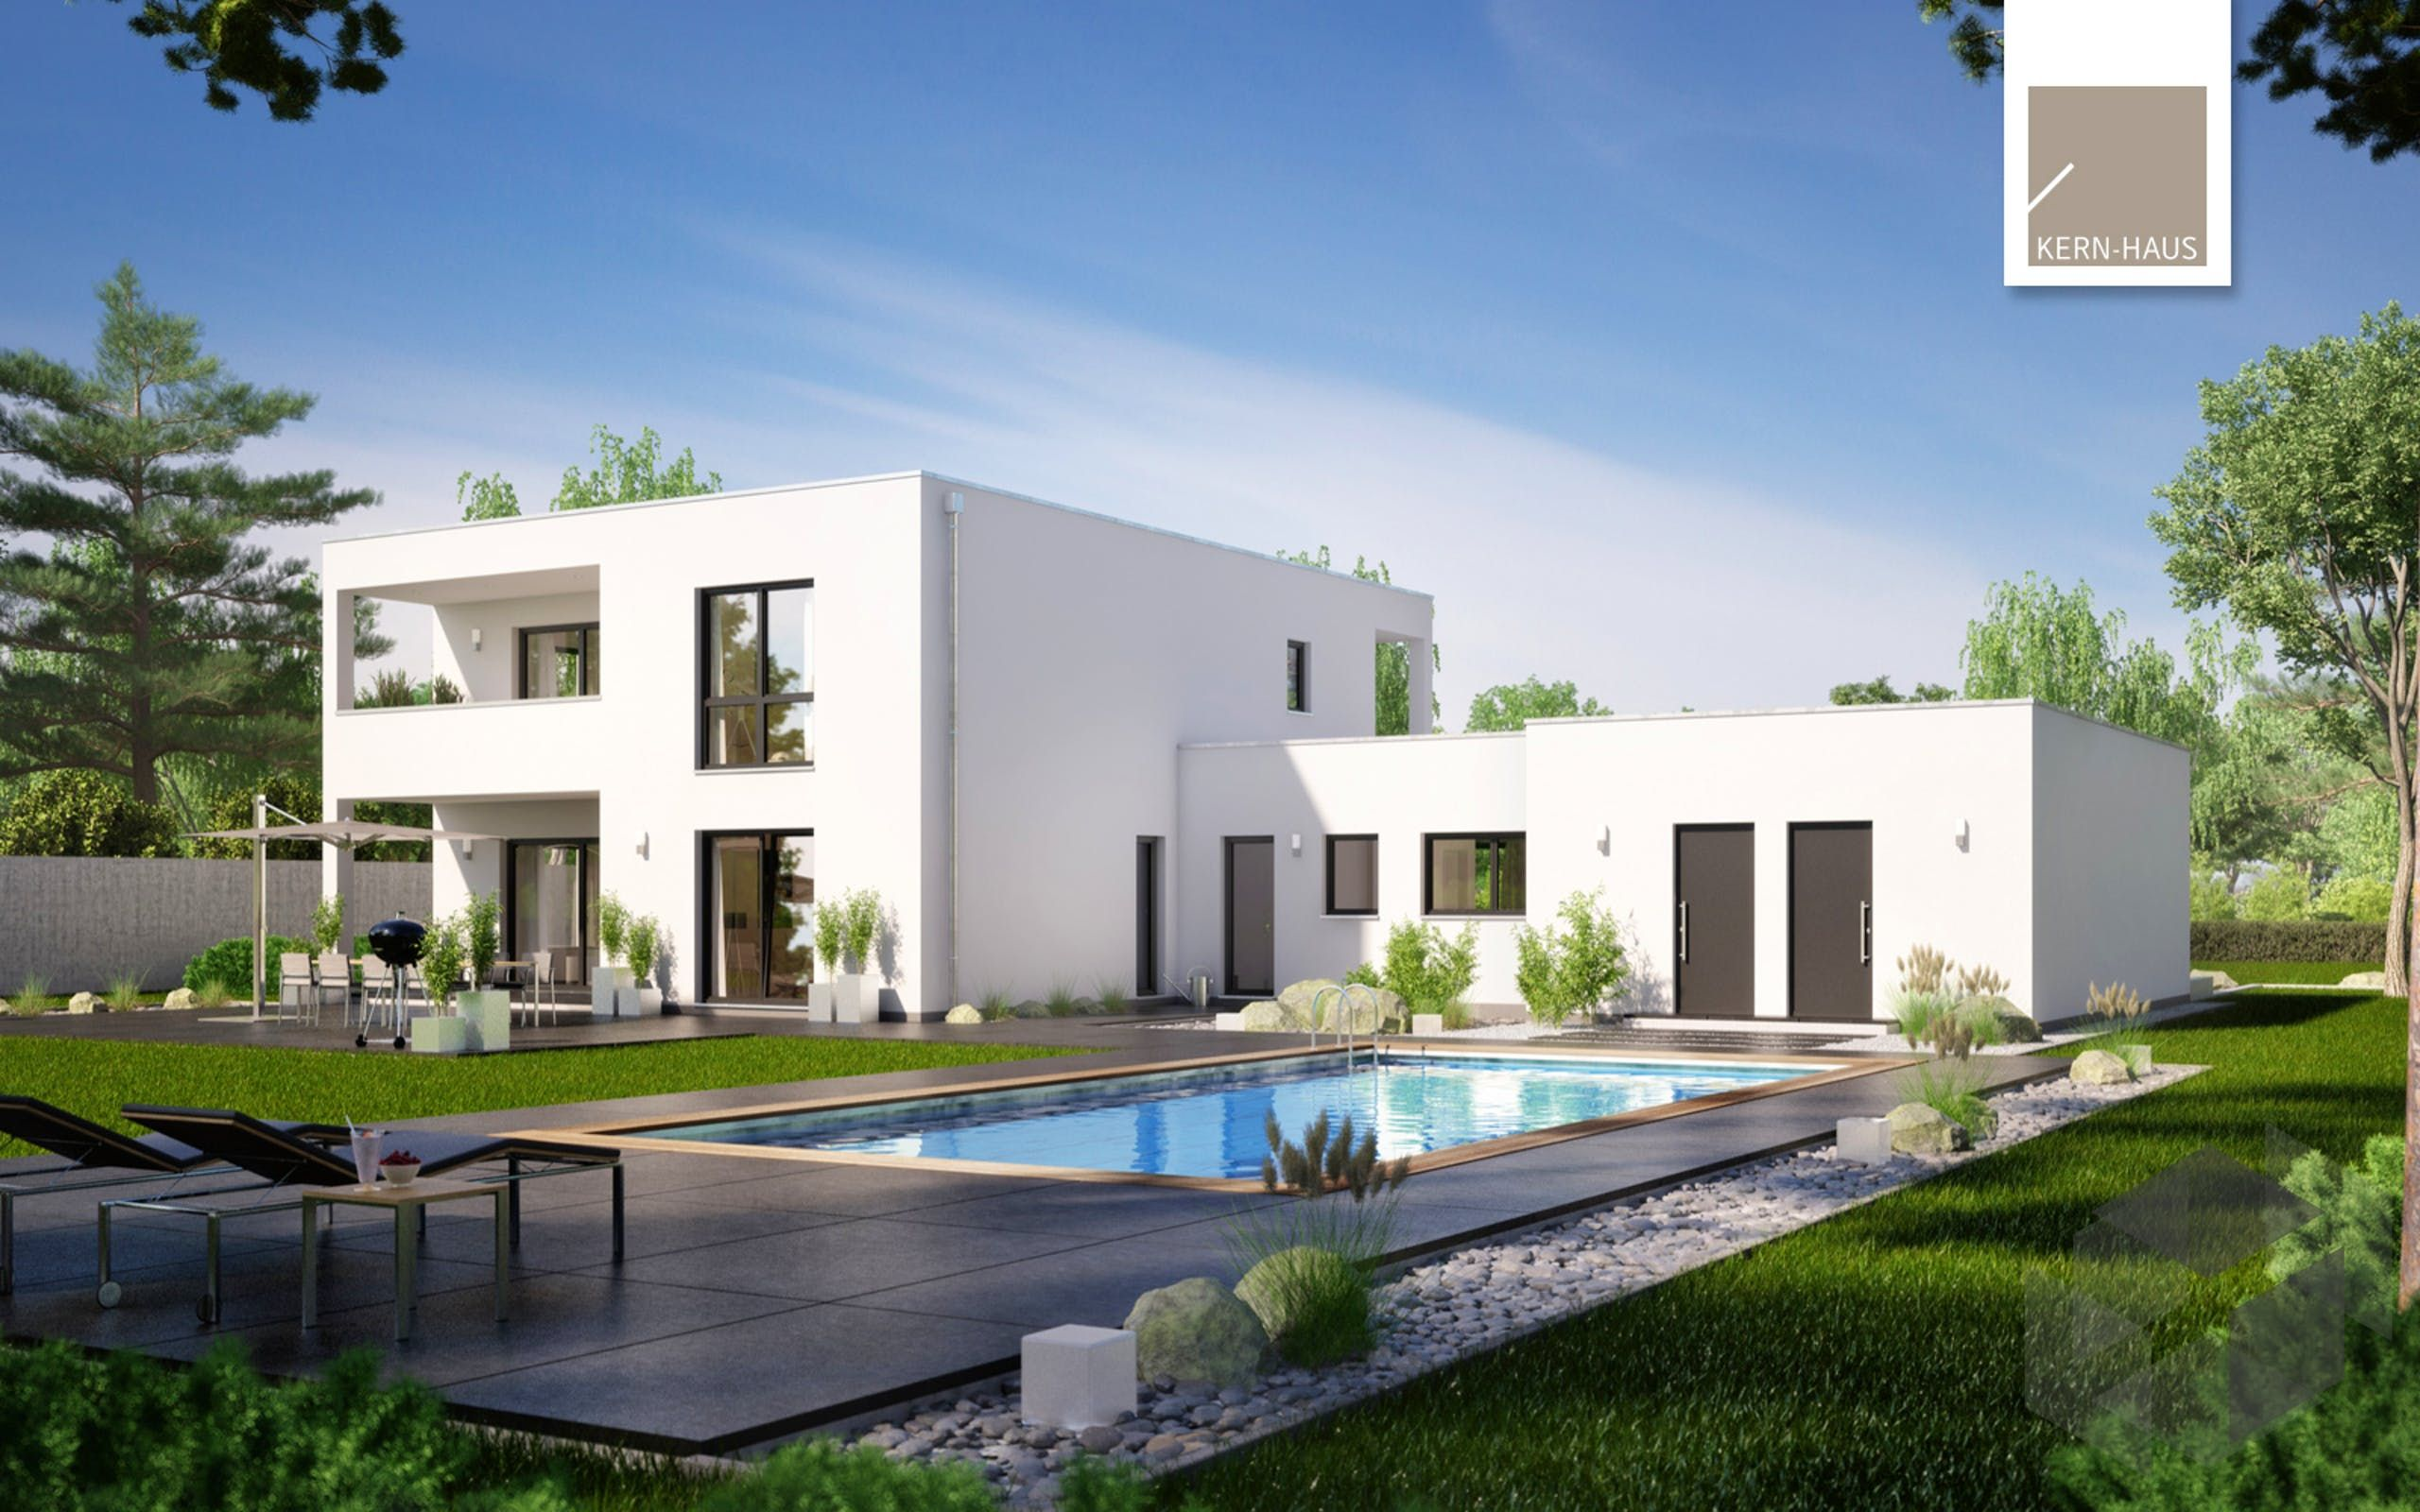 Exquisit Haus Bauhausstil Beste Wahl Ixeo Von Kern-   S Zum Mit